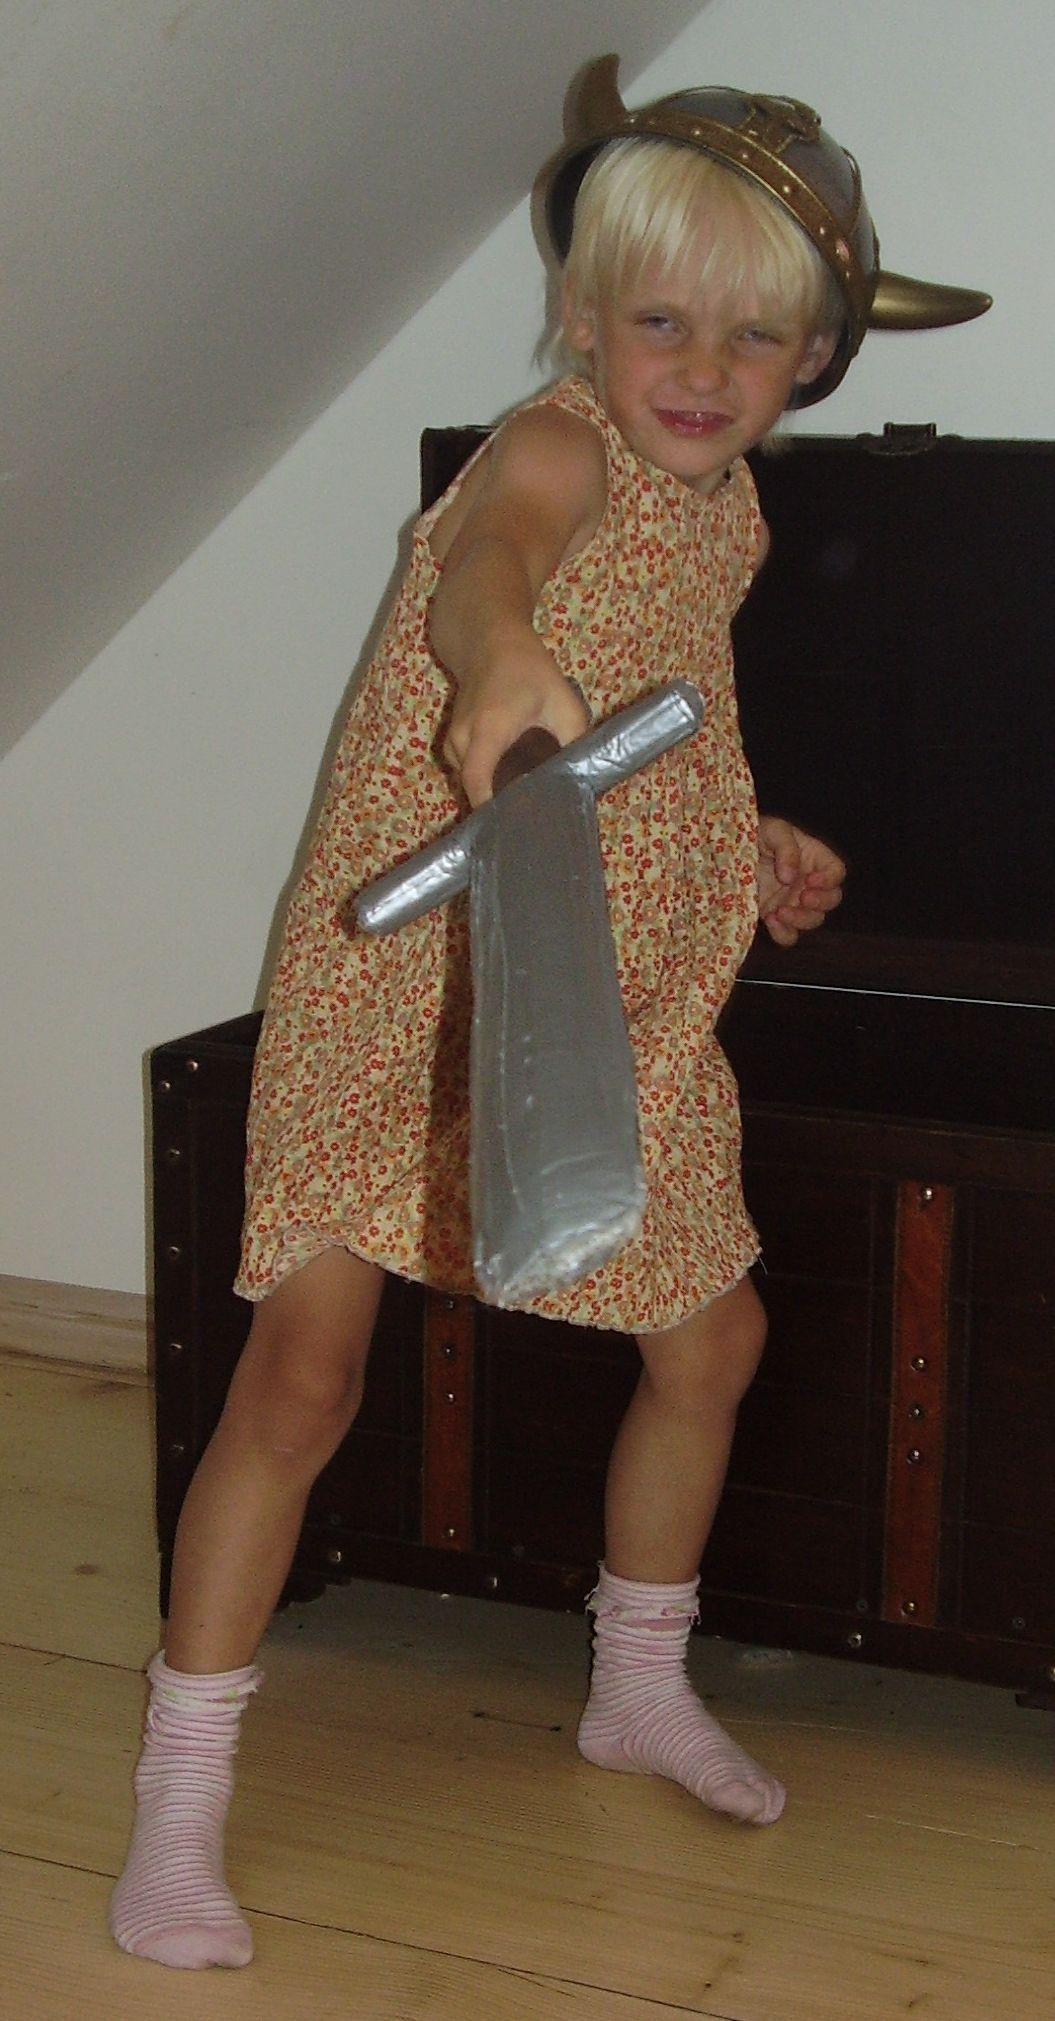 tüdruk mõõgaga